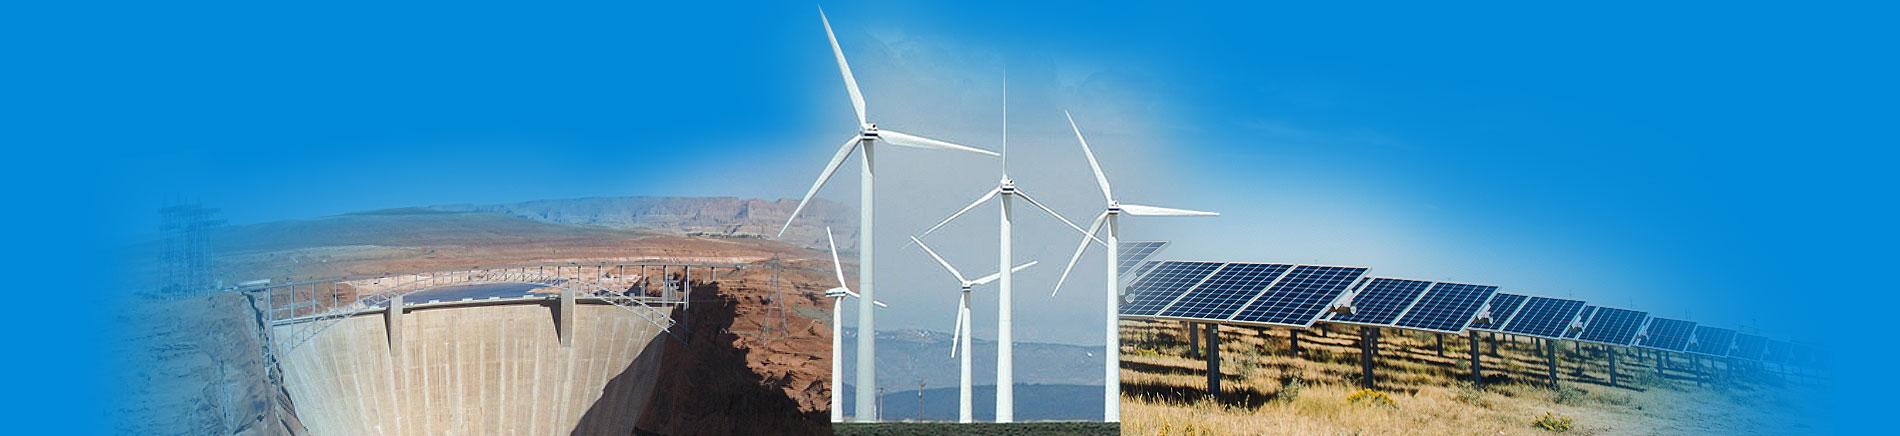 Non-carbon resources